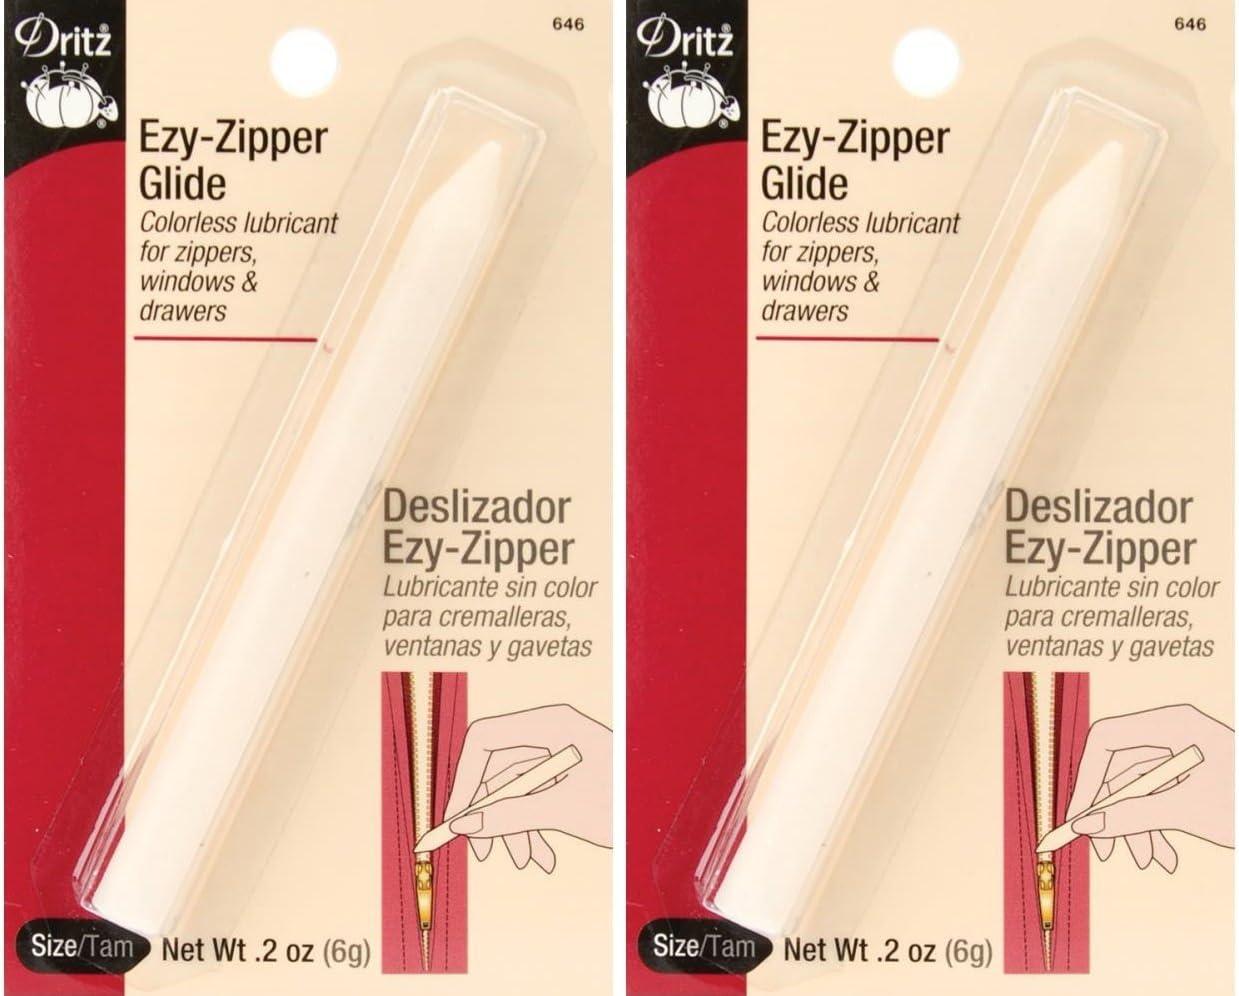 Dritz 646 Ezy Zipper Glide (2 Pack)